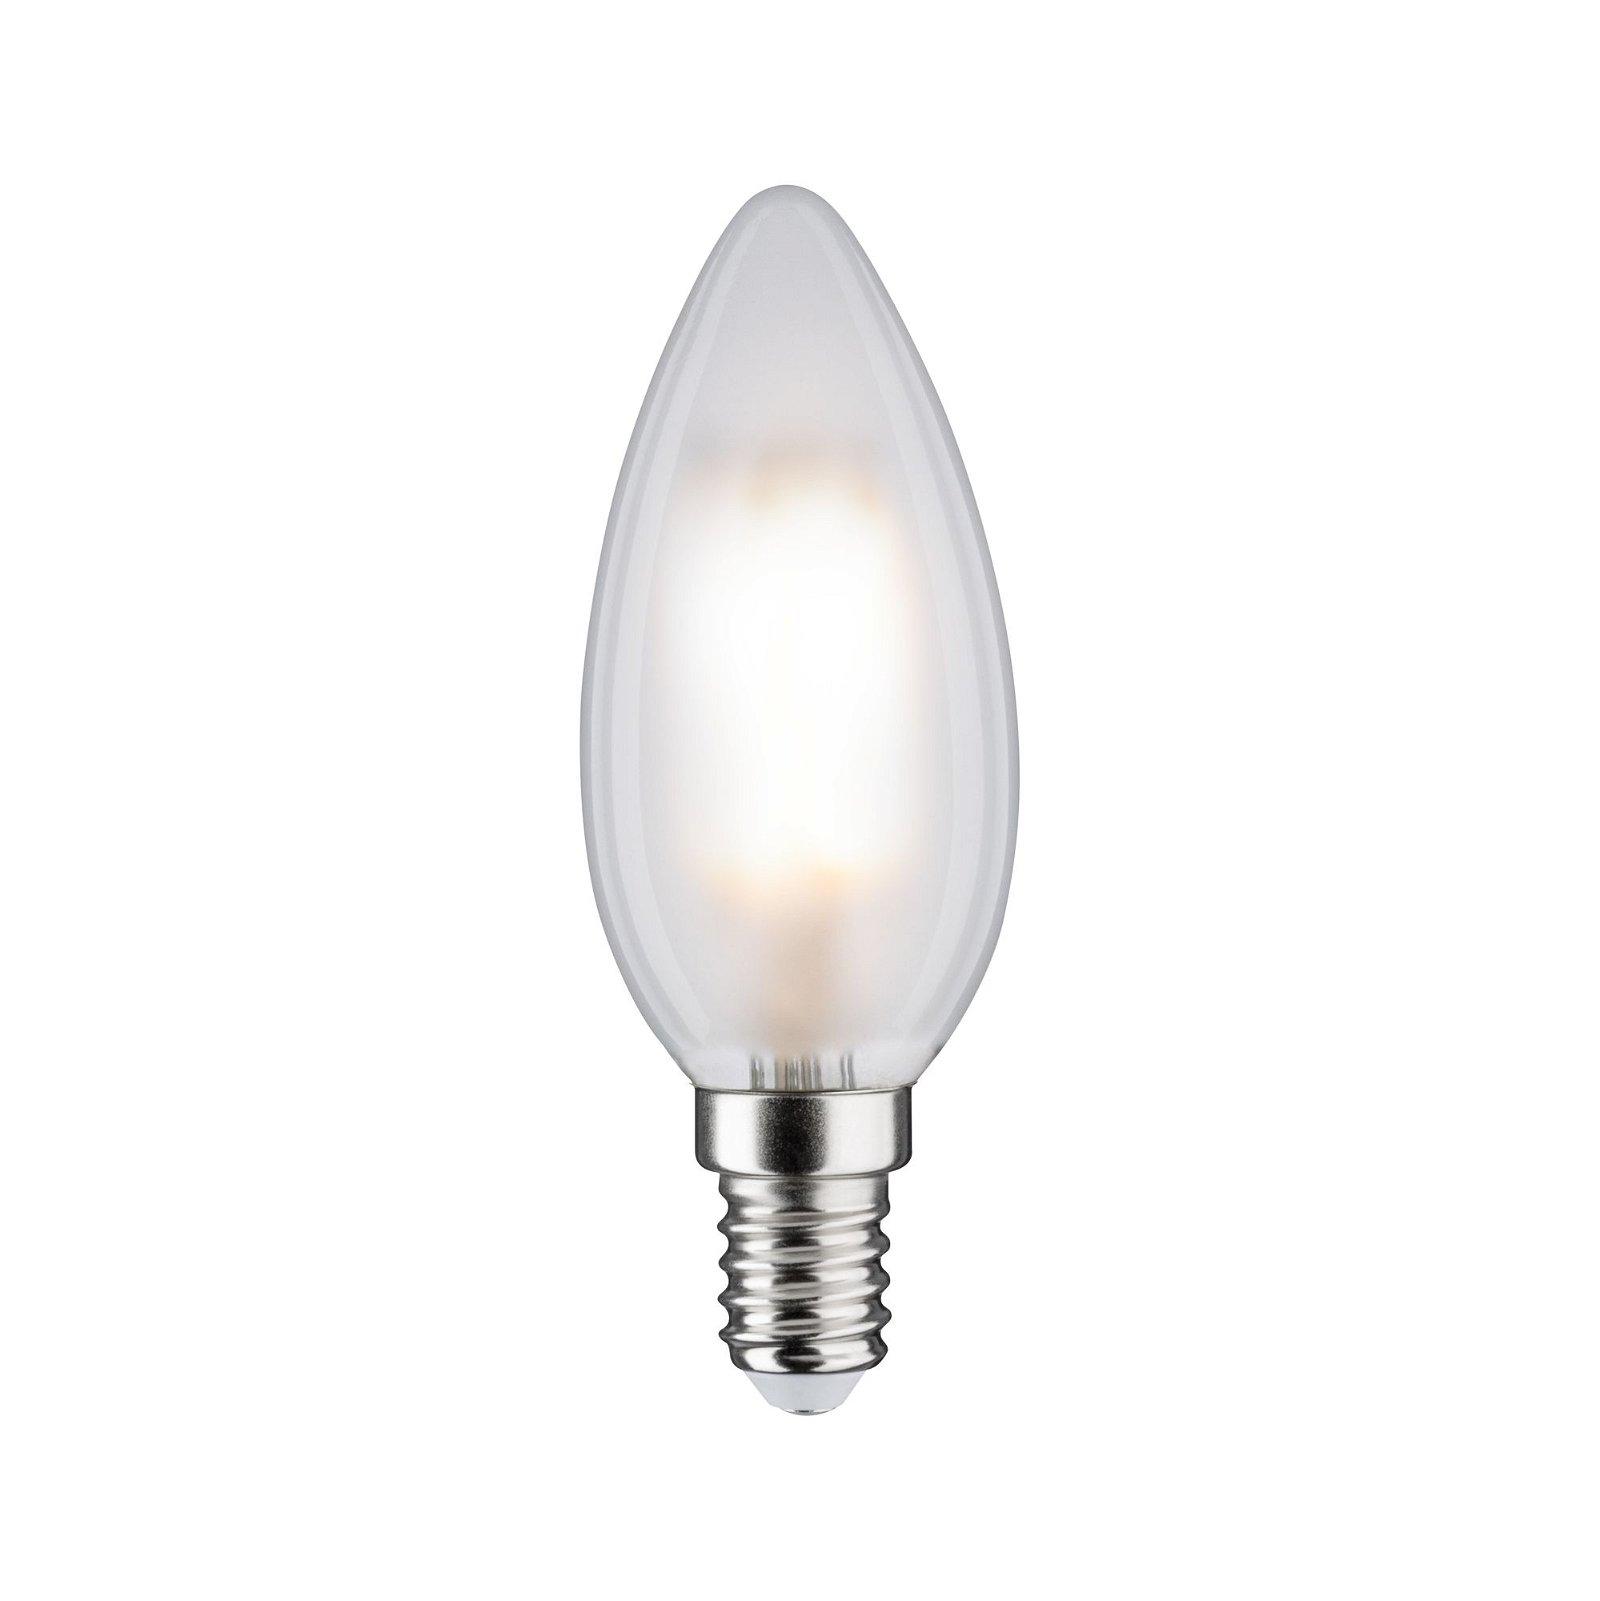 LED Kerze Filament E14 230V 470lm 5W 4000K Matt/Weiß